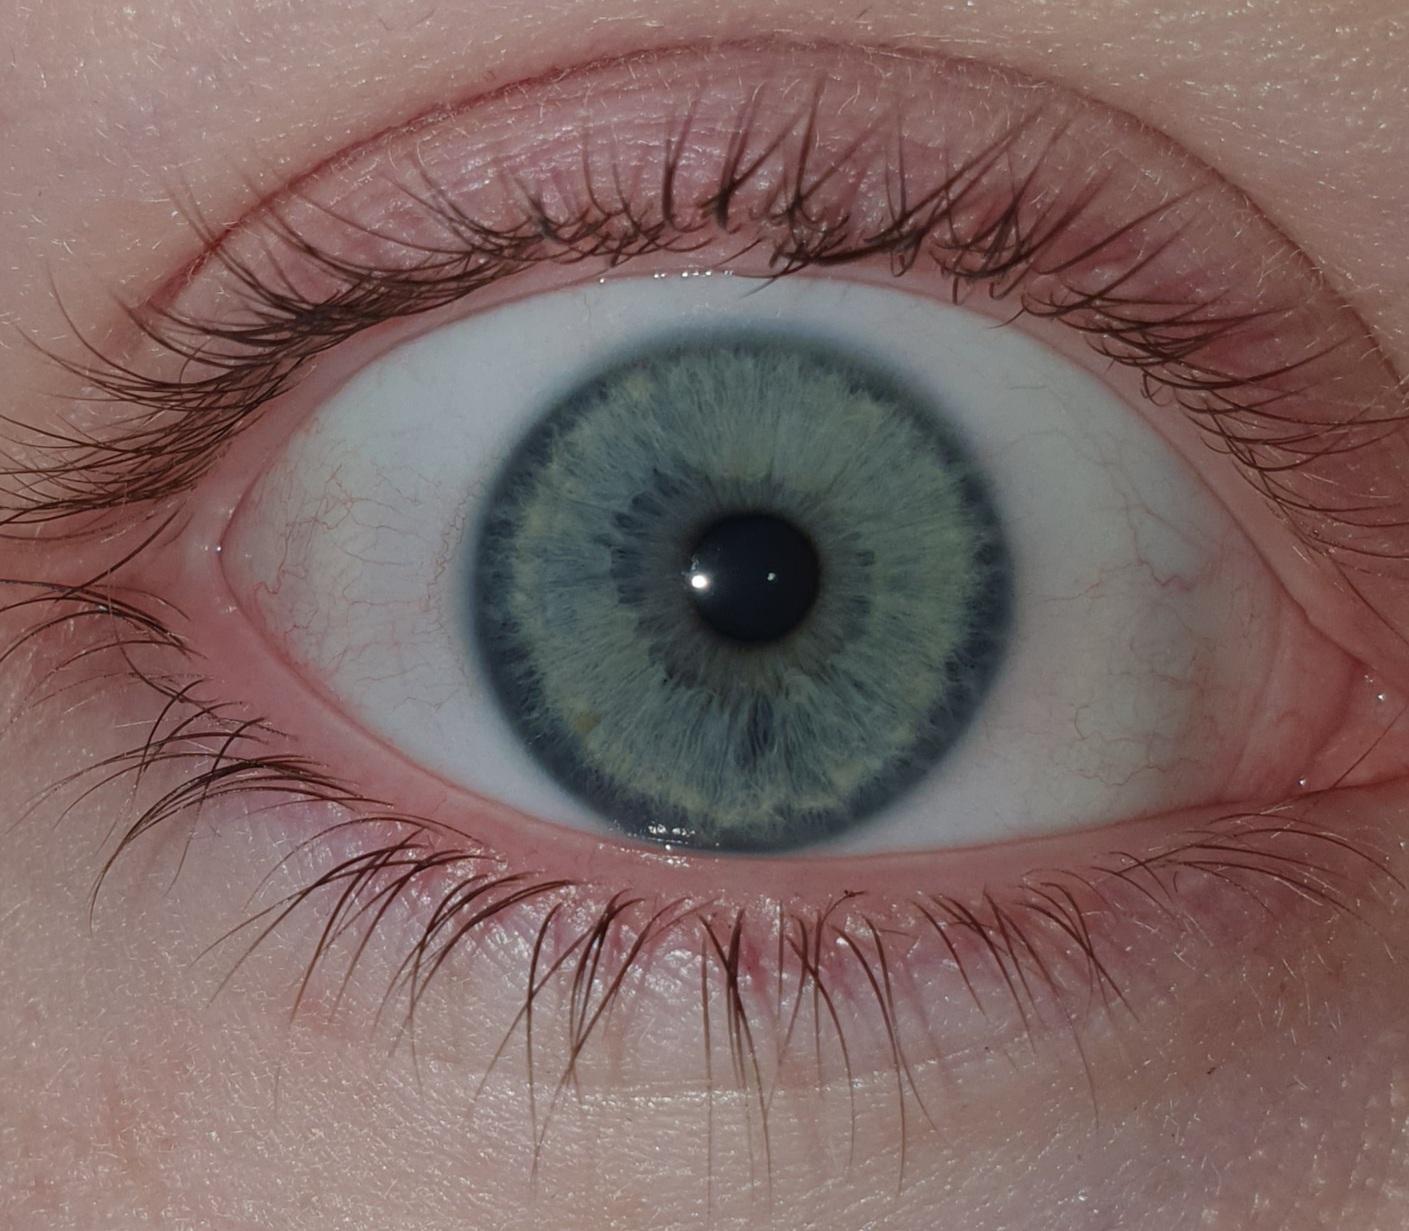 Welche Augenfarbe habe ich? (Augen, Farbe)